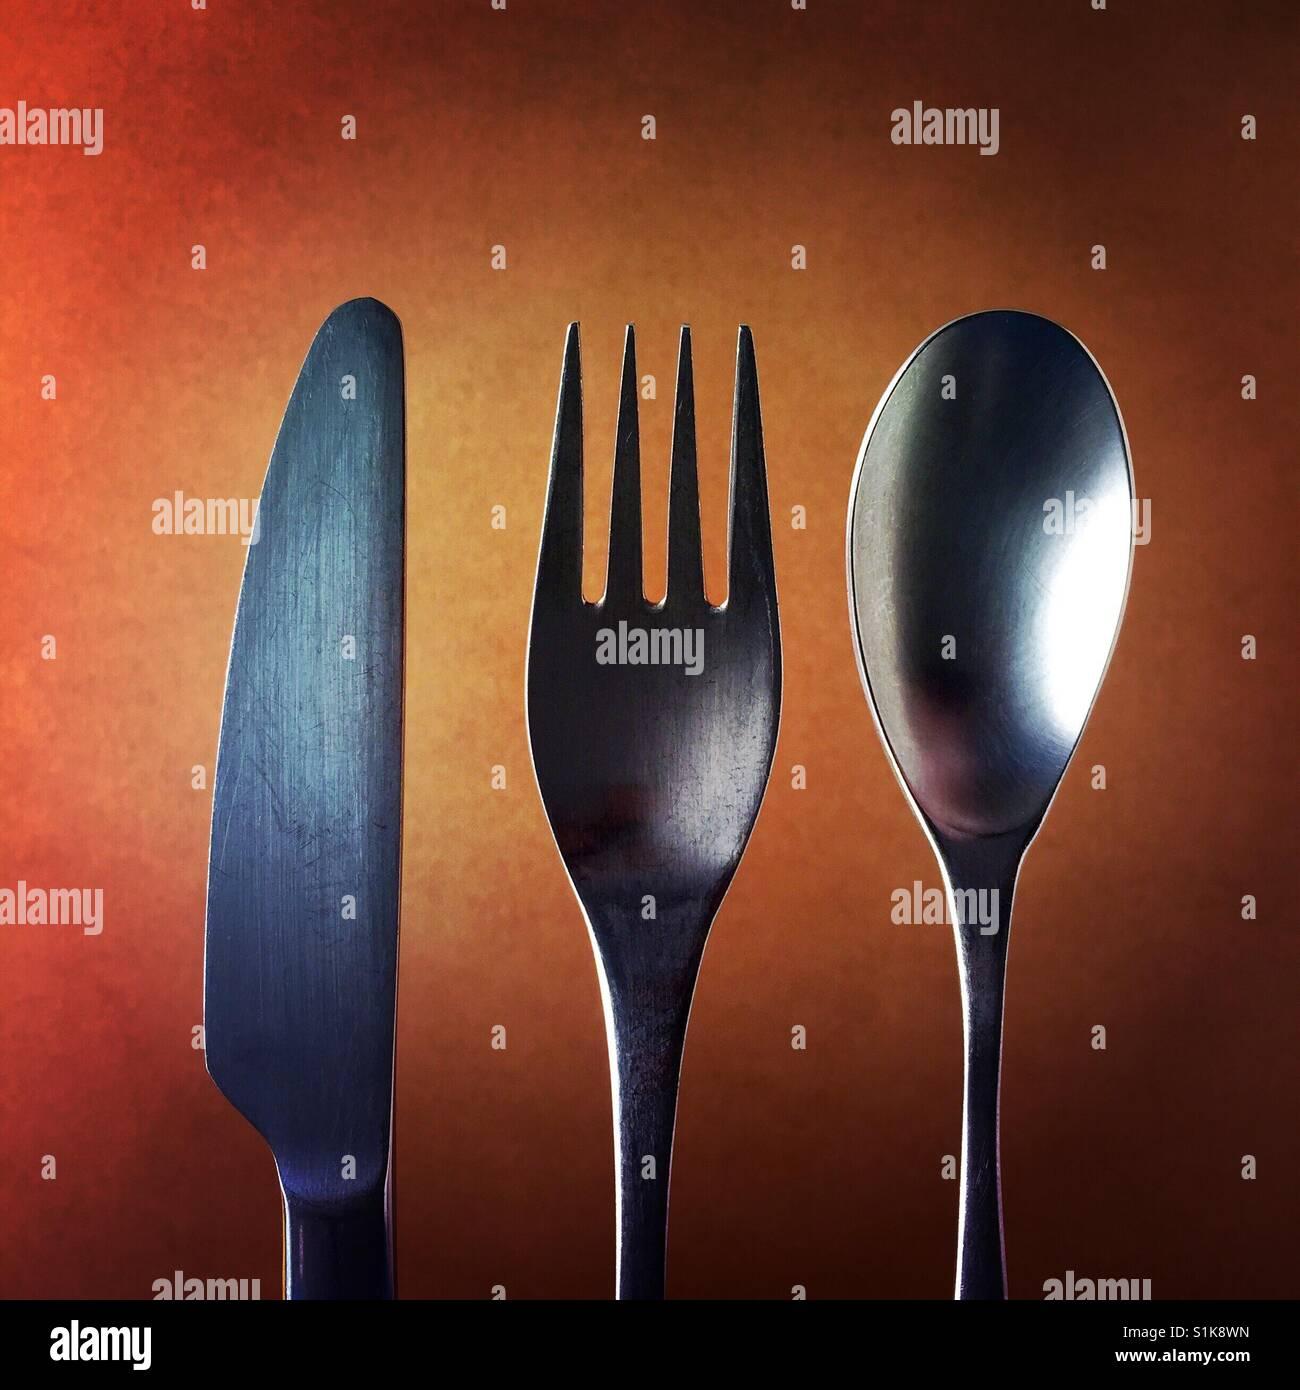 Un'immagine ravvicinata di un coltello e una forchetta e un cucchiaio sopra uno sfondo marrone Immagini Stock